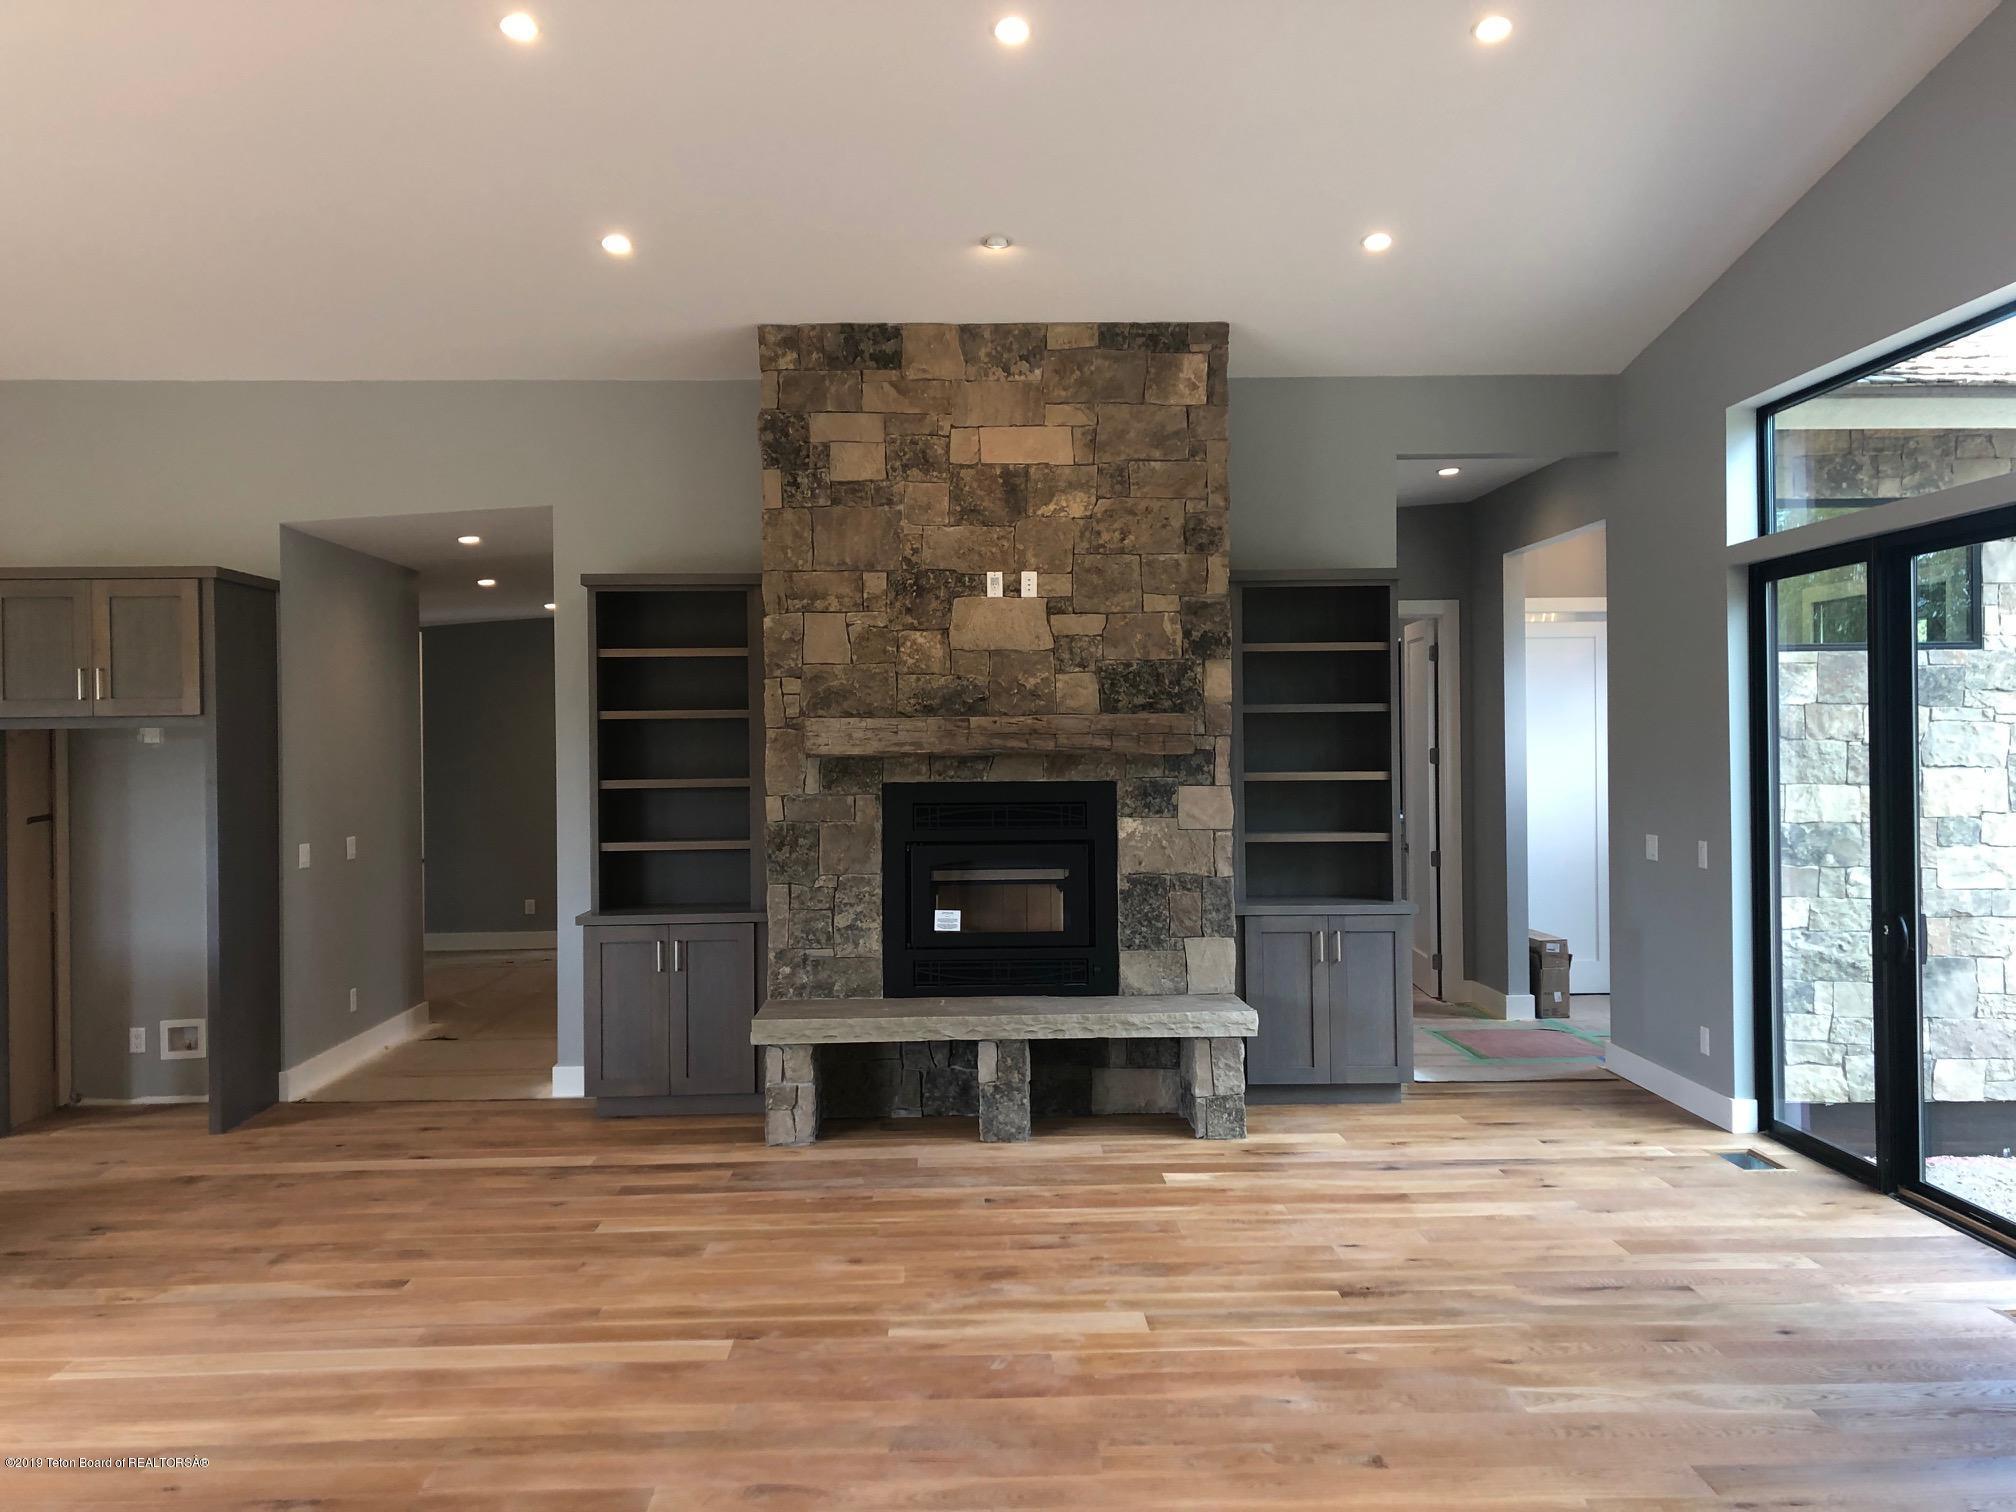 haley-Aspen fireplace